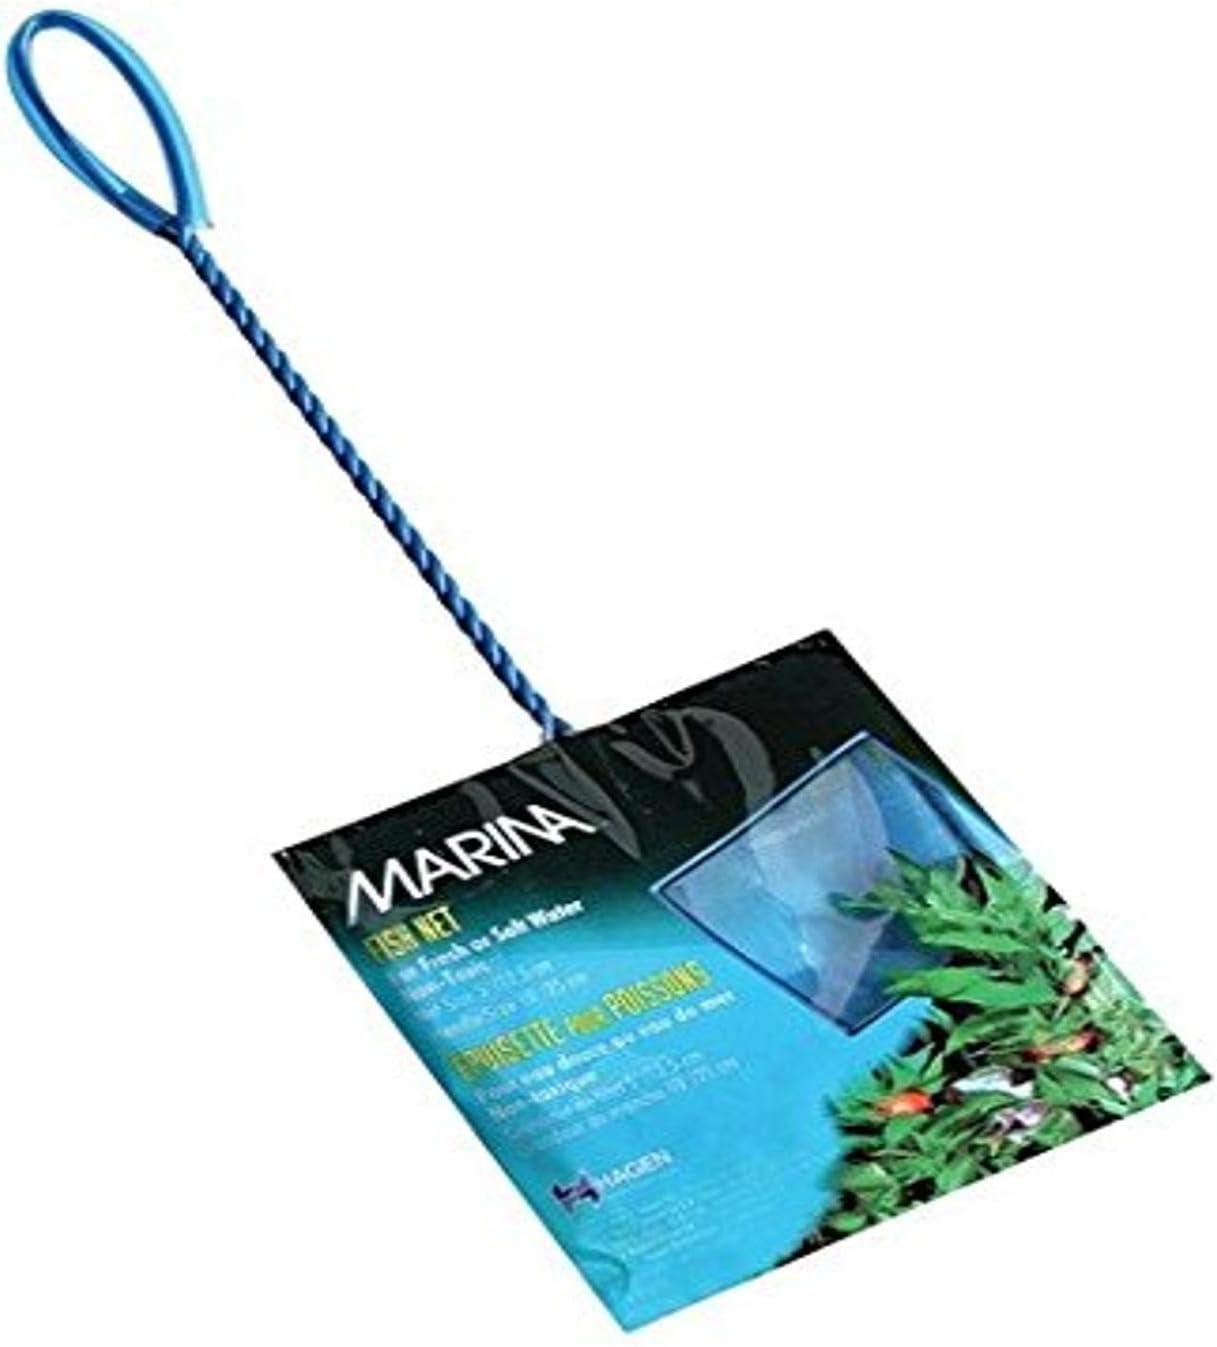 Marina 11275 Red de MallaFina